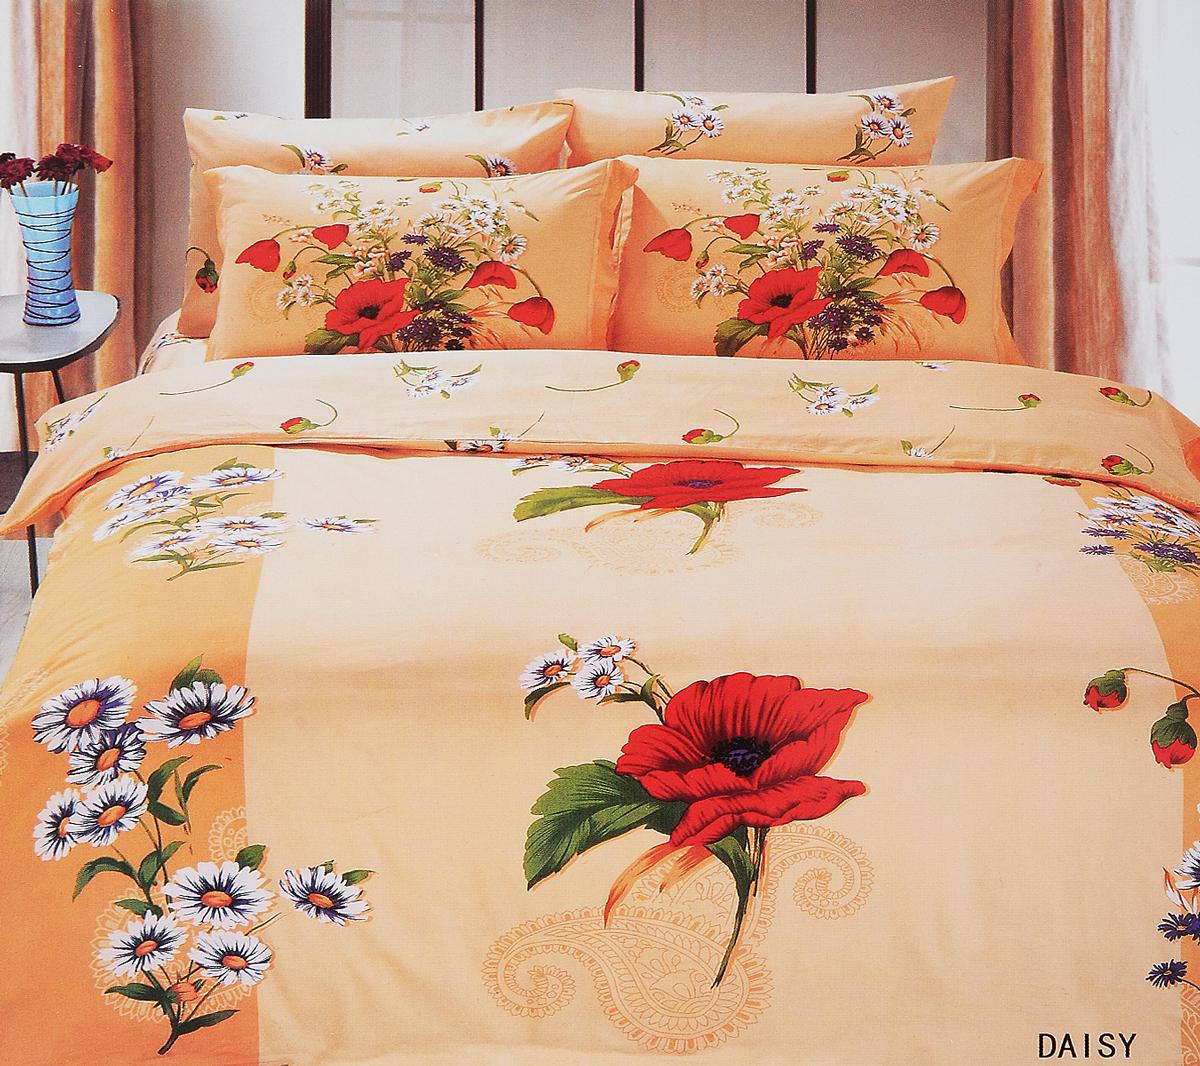 Комплект белья Le Vele Daisy, 2-спальный, наволочки 50х70740/84Комплект постельного белья Le Vele Daisy, выполненный из сатина (100% хлопка), создан для комфорта и роскоши. Комплект состоит из пододеяльника, простыни и 4 наволочек. Постельное белье оформлено оригинальным рисунком. Пододеяльник застегивается на кнопки, что позволяет одеялу не выпадать из него.Сатин - хлопчатобумажная ткань полотняного переплетения, одна из самых красивых, прочных и приятных телу тканей, изготовленных из натурального волокна. Благодаря своей шелковистости и блеску сатин называют хлопковым шелком. Приобретая комплект постельного белья Le Vele Daisy, вы можете быть уверены в том, что покупка доставит вам и вашим близким удовольствие и подарит максимальный комфорт.